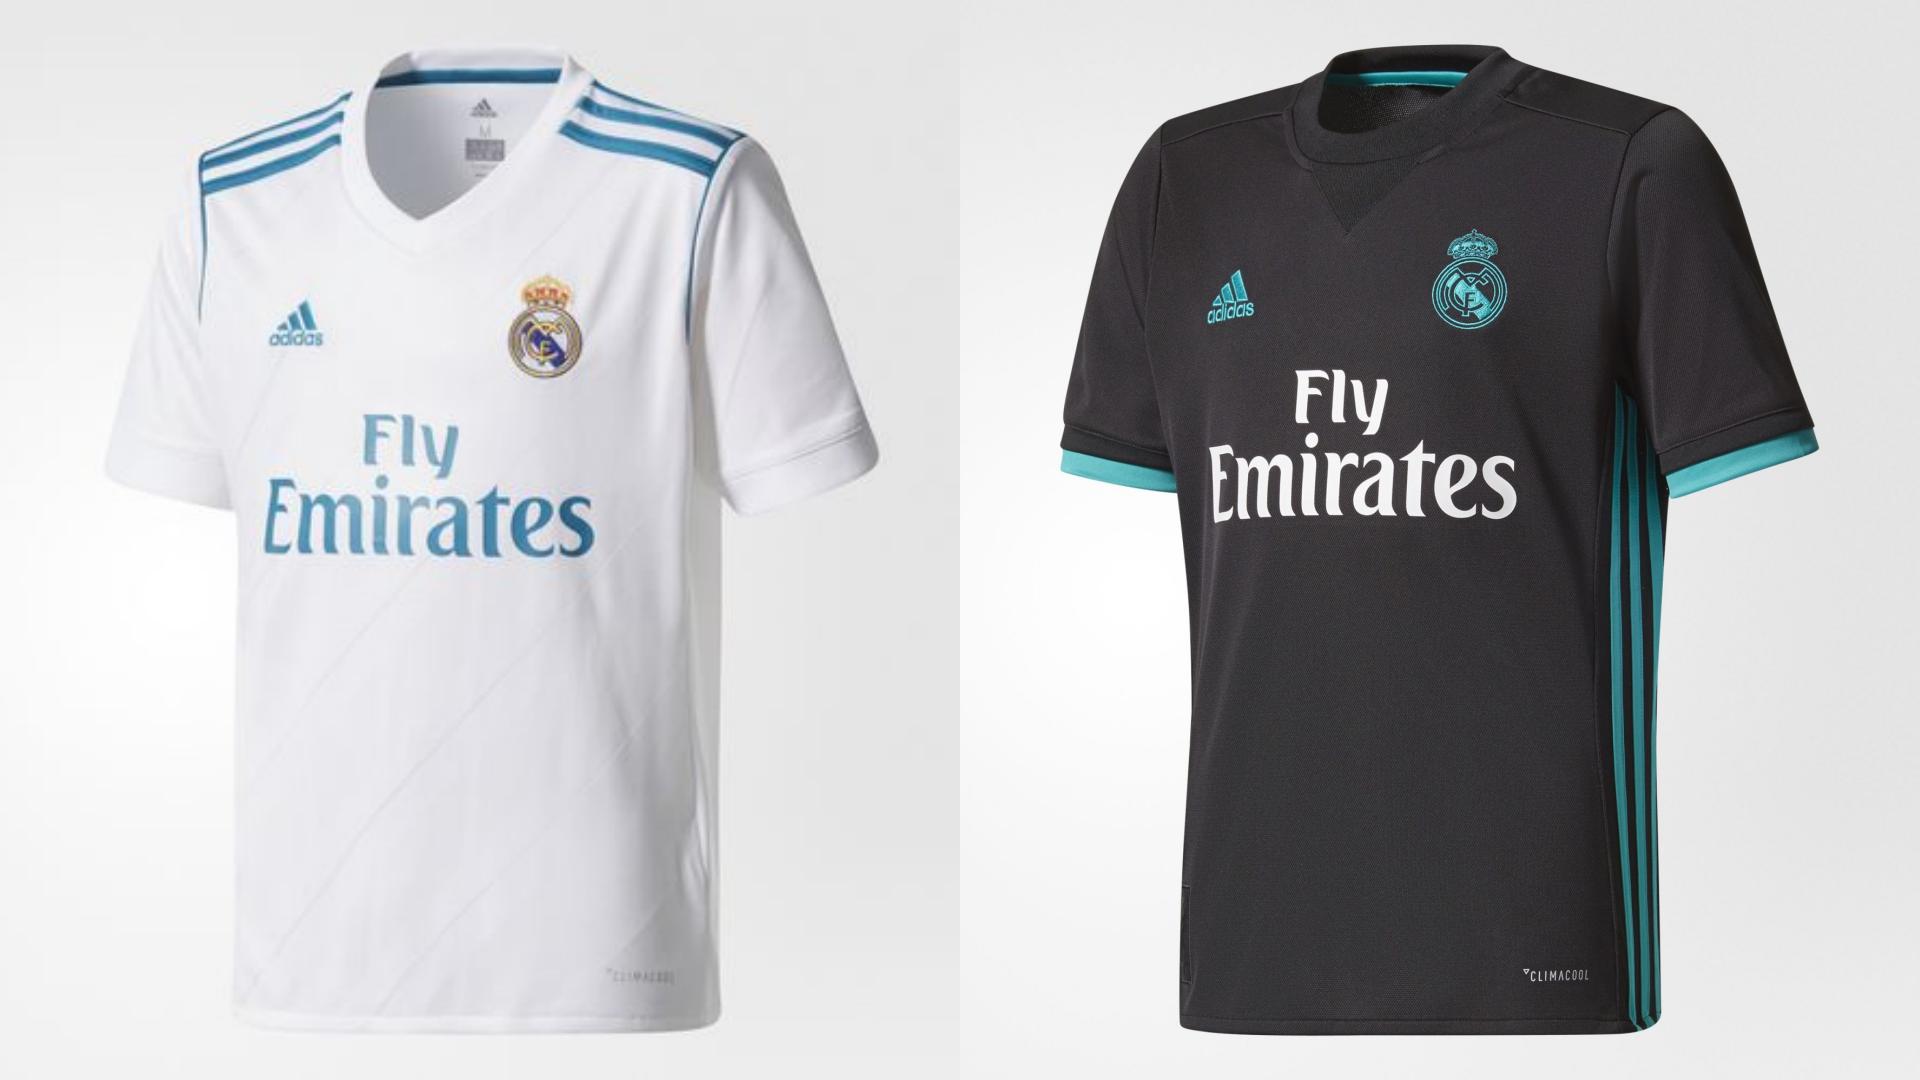 ¿Cuánto cuestan las nuevas camisetas del Real Madrid?